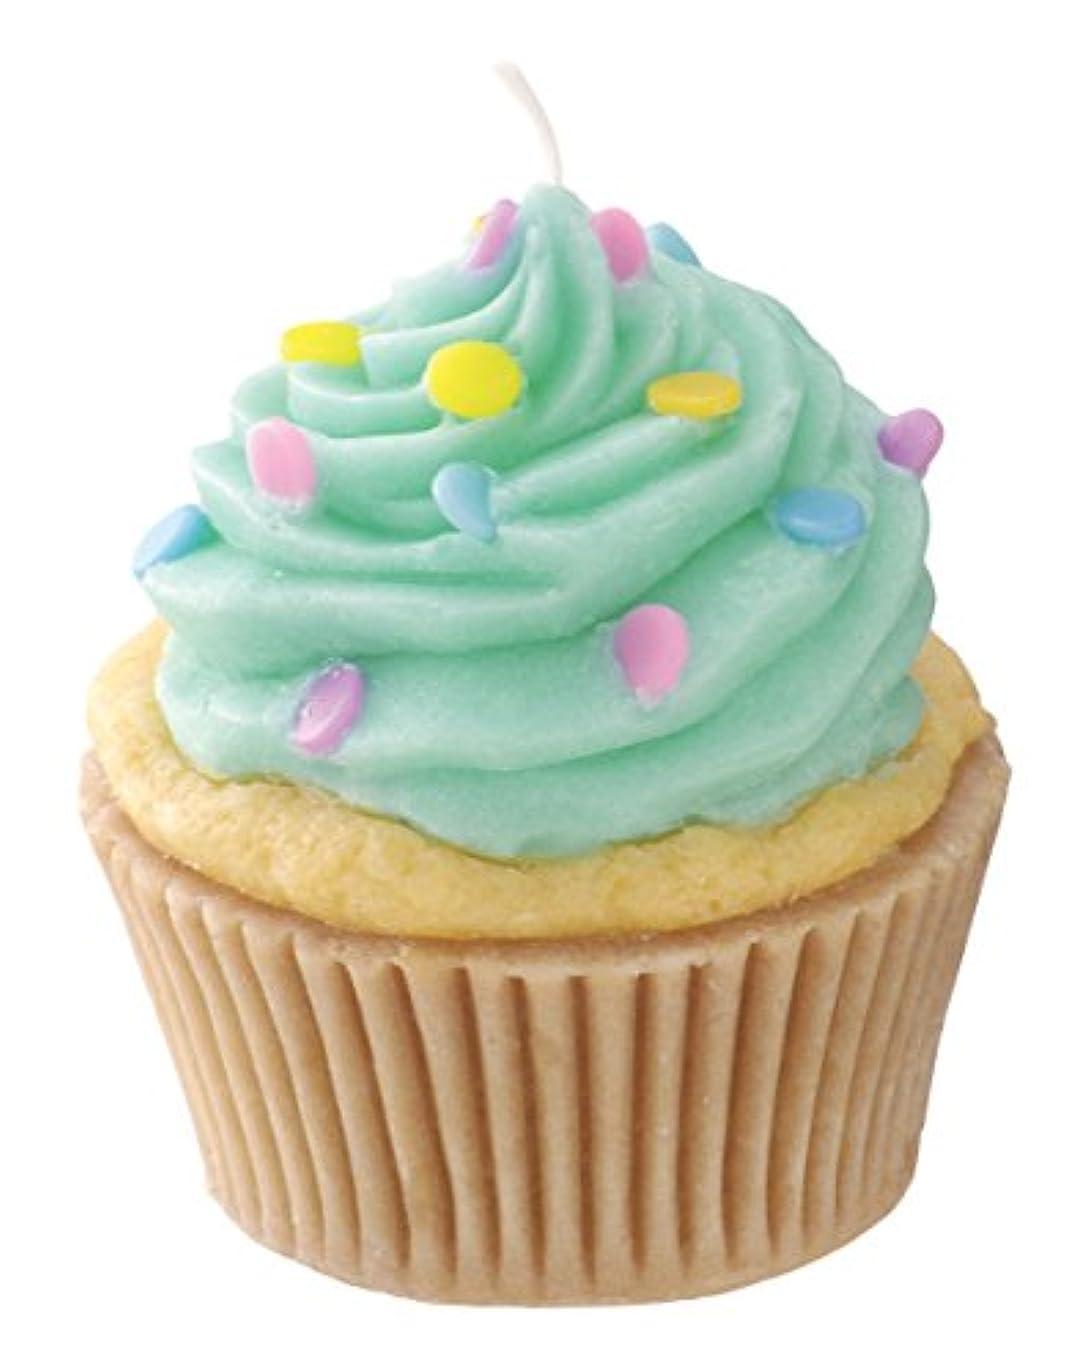 特異などっち長さカメヤマキャンドルハウス 本物そっくり! アメリカンカップケーキキャンドル ミントクリーム バニラの香り